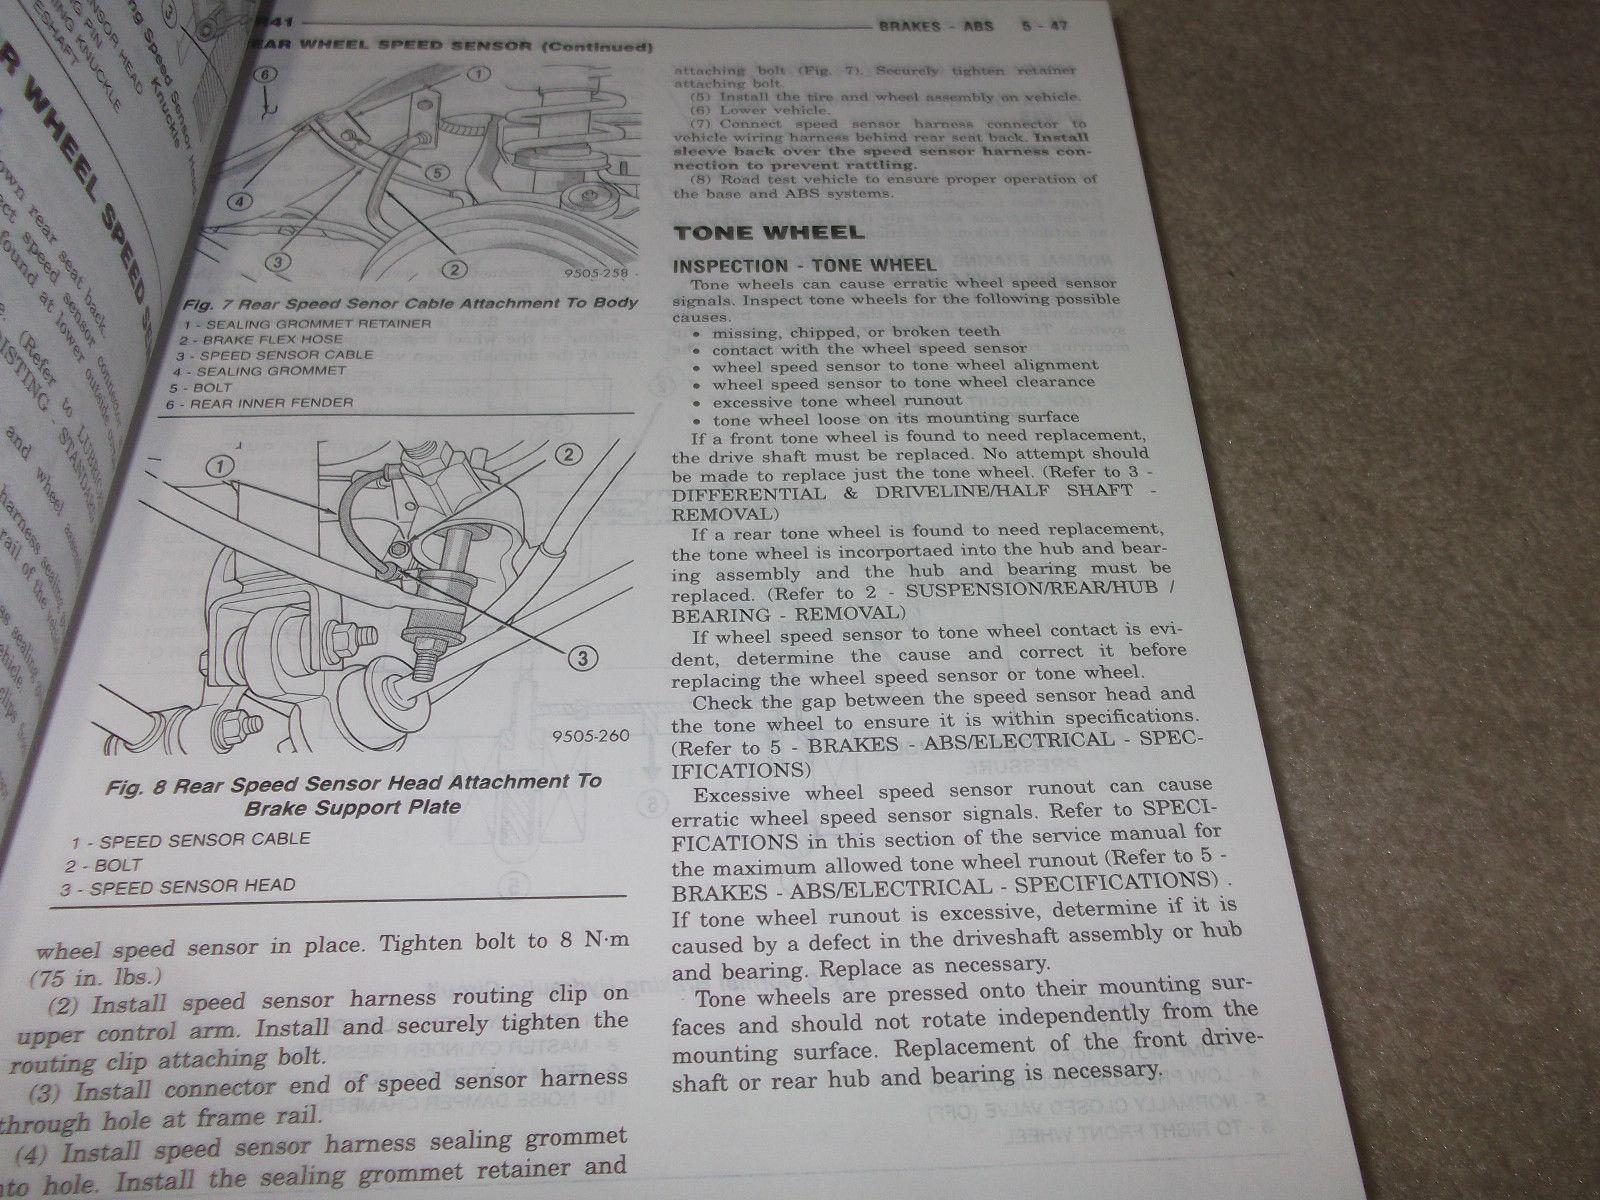 2001 CHRYSLER SEBRING & STRATUS SEDAN Service Shop Repair Manual SET HUGE 6 VOL image 7